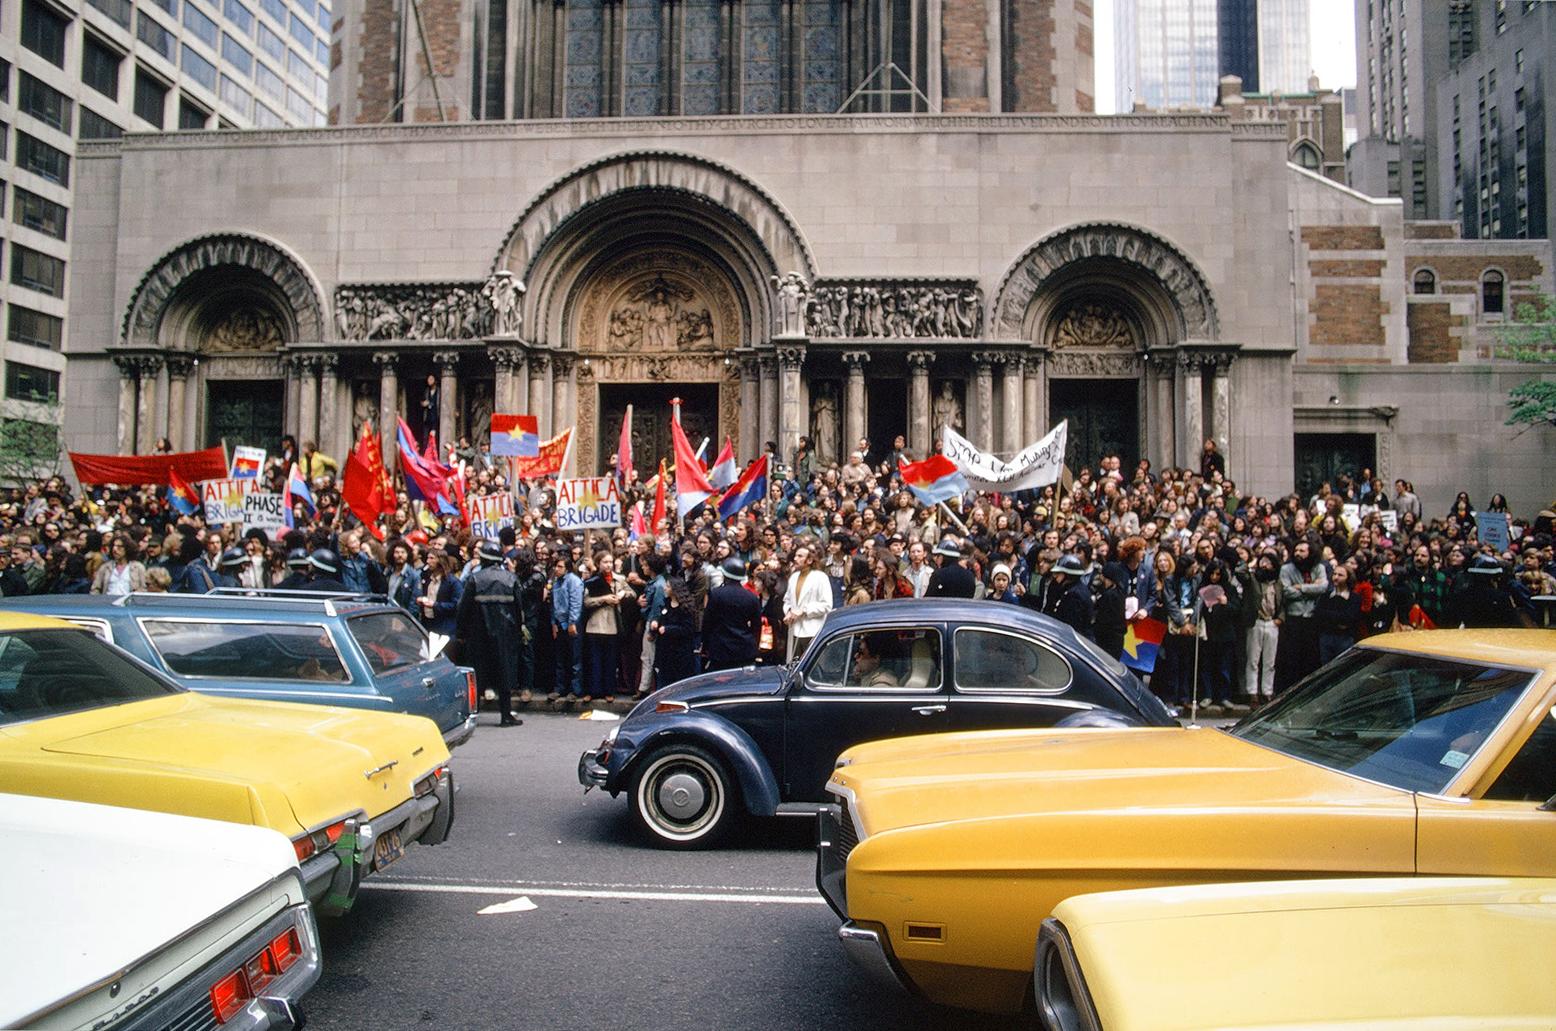 Dan-Wynn_Political-Protest-Nixon_03-01-72_0003.jpg